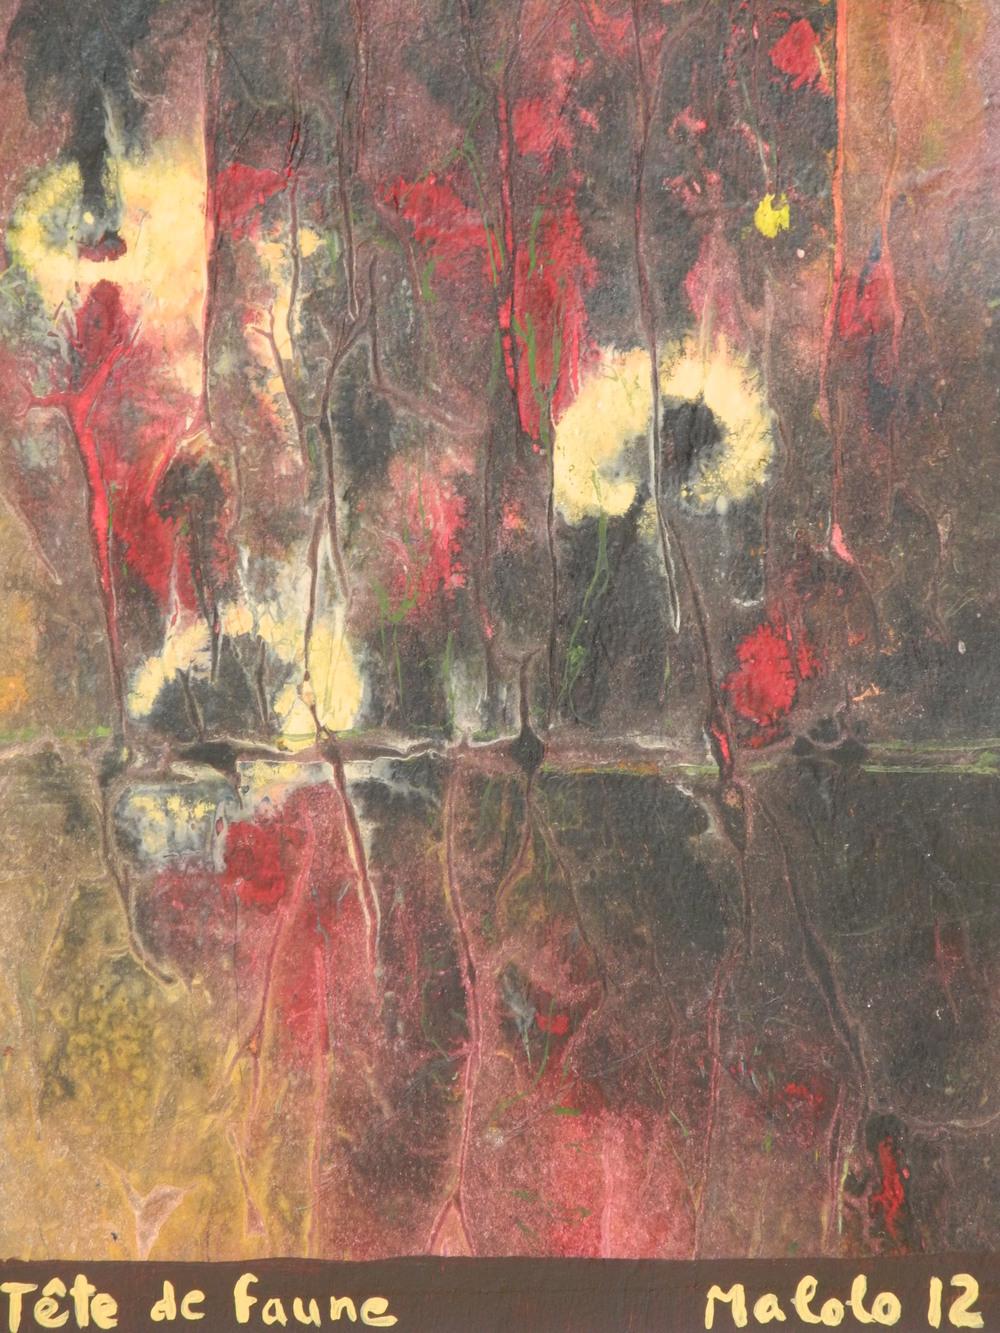 Rencontre avec le faune                  (Lorraine Camerlain, Tête de faune, acrylique sur papier de soie)